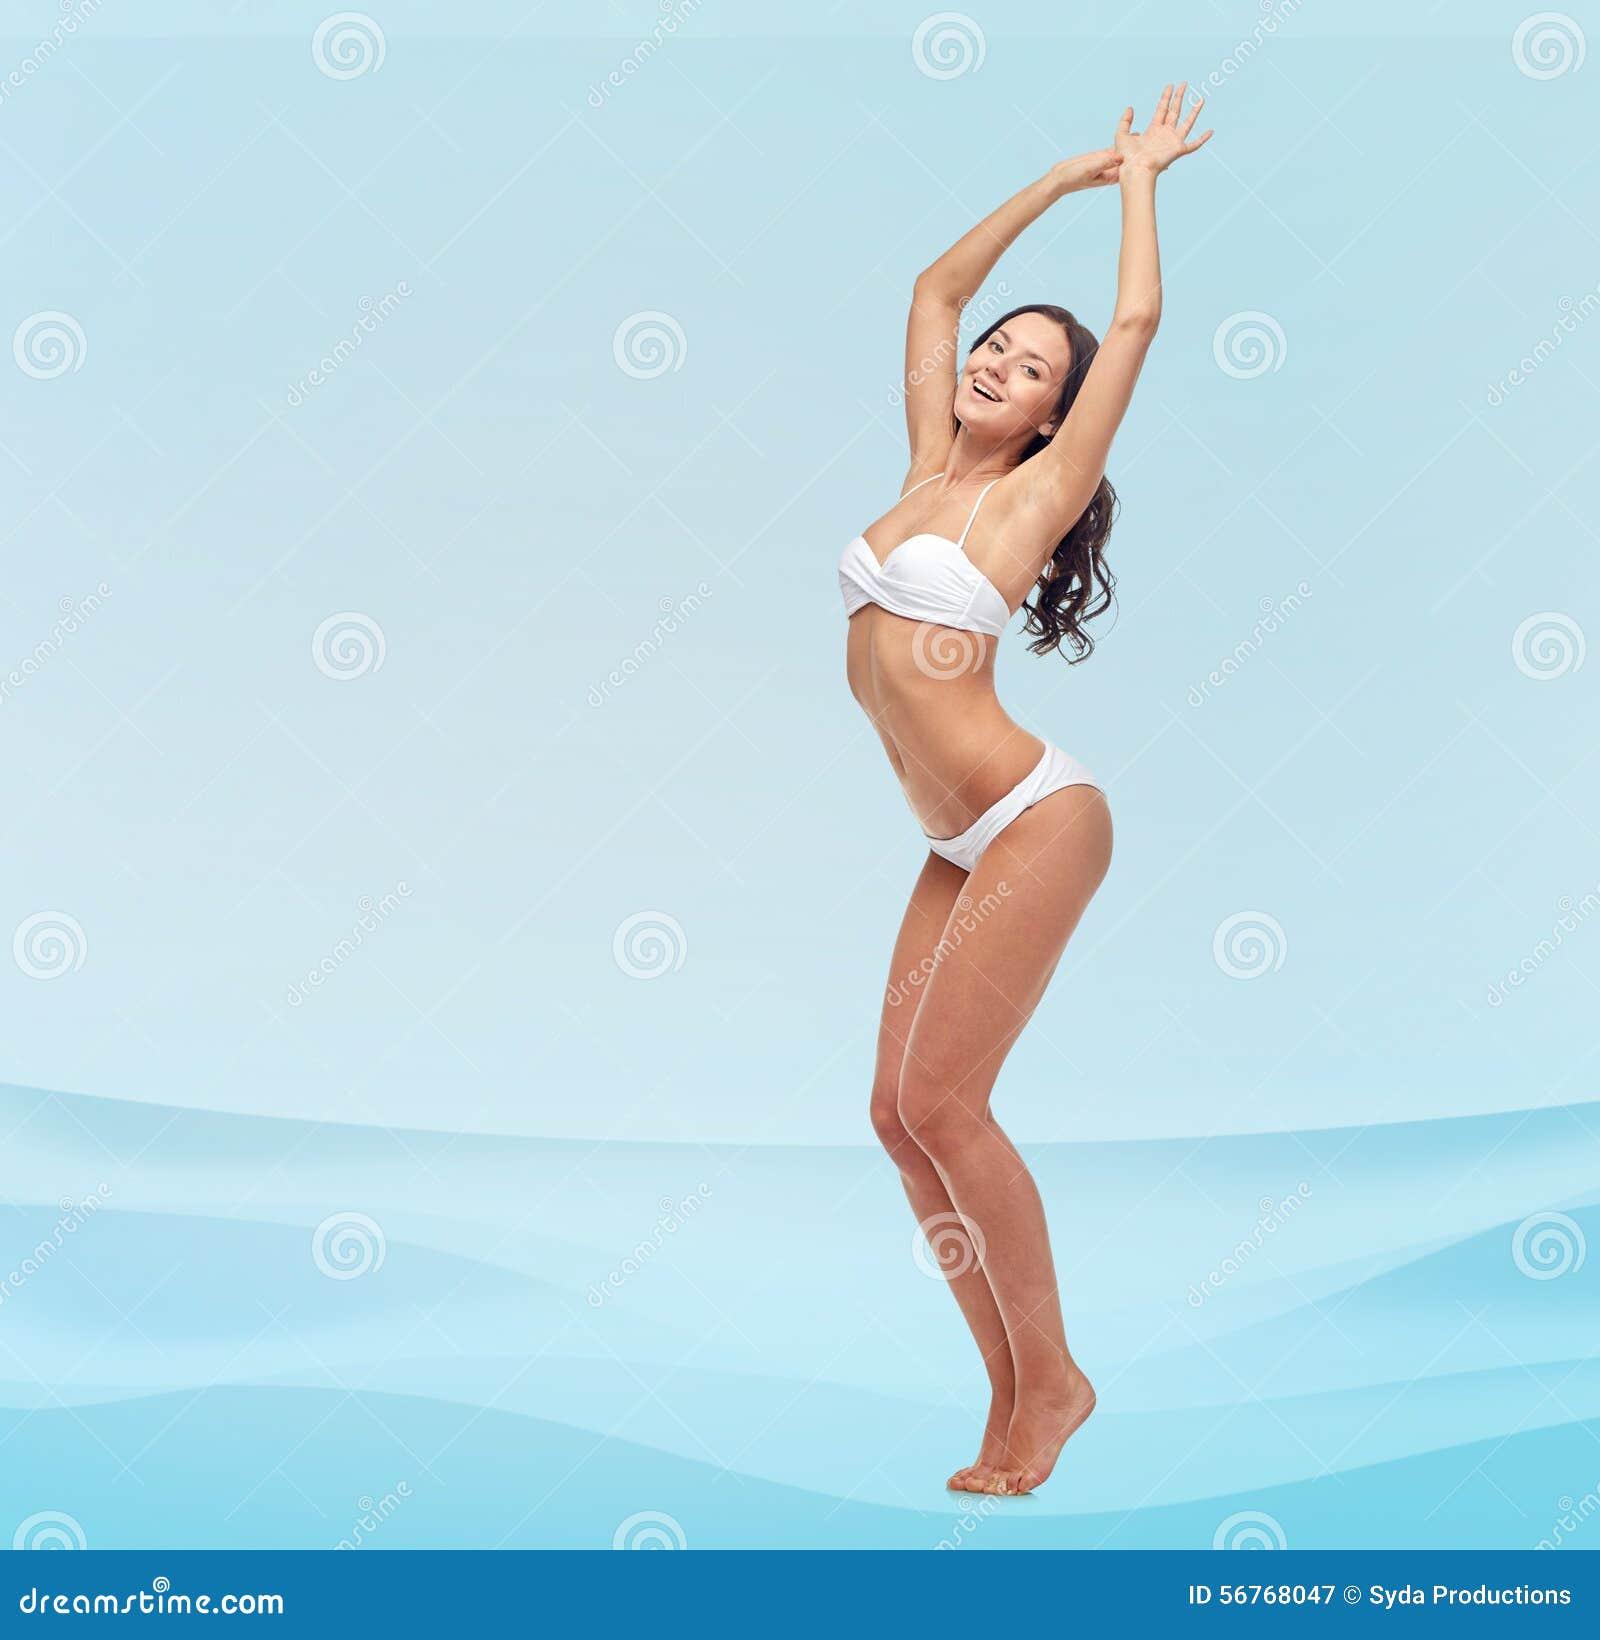 dancing in a bikini